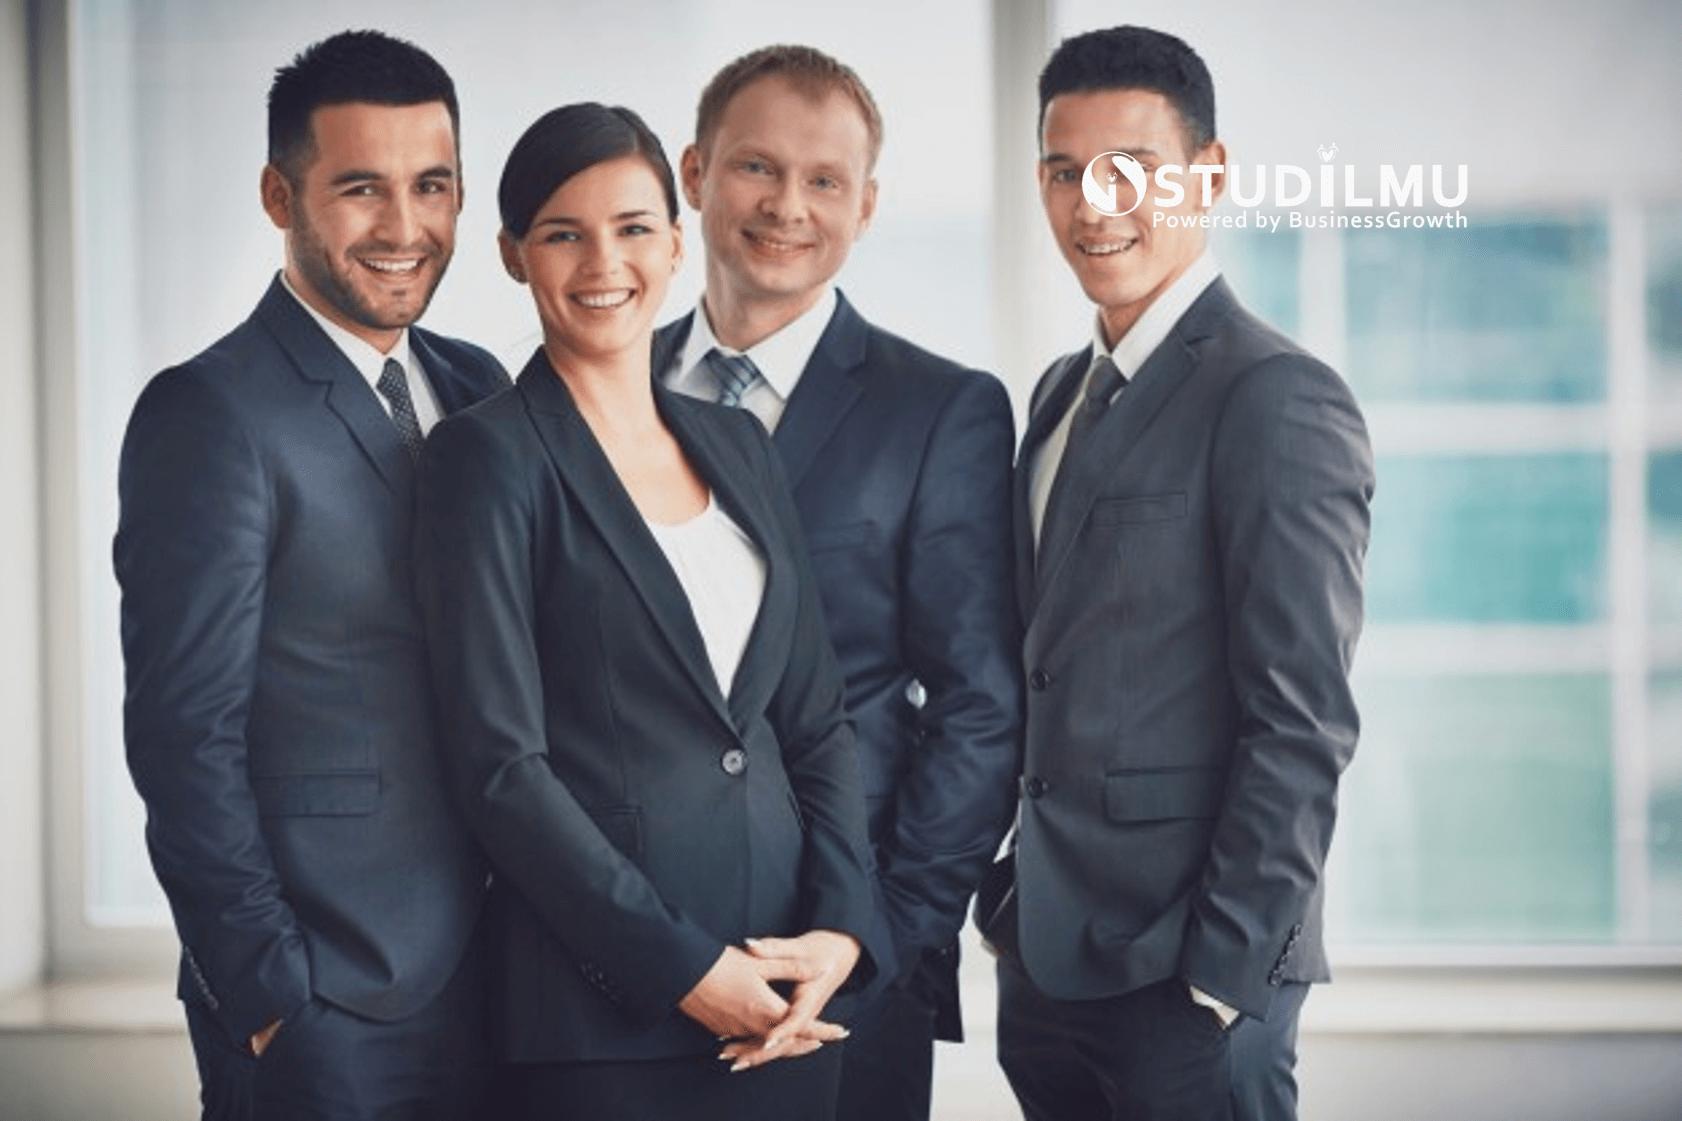 Pengertian Kepemimpinan secara Umum dan 6 Jenis Kepemimpinan